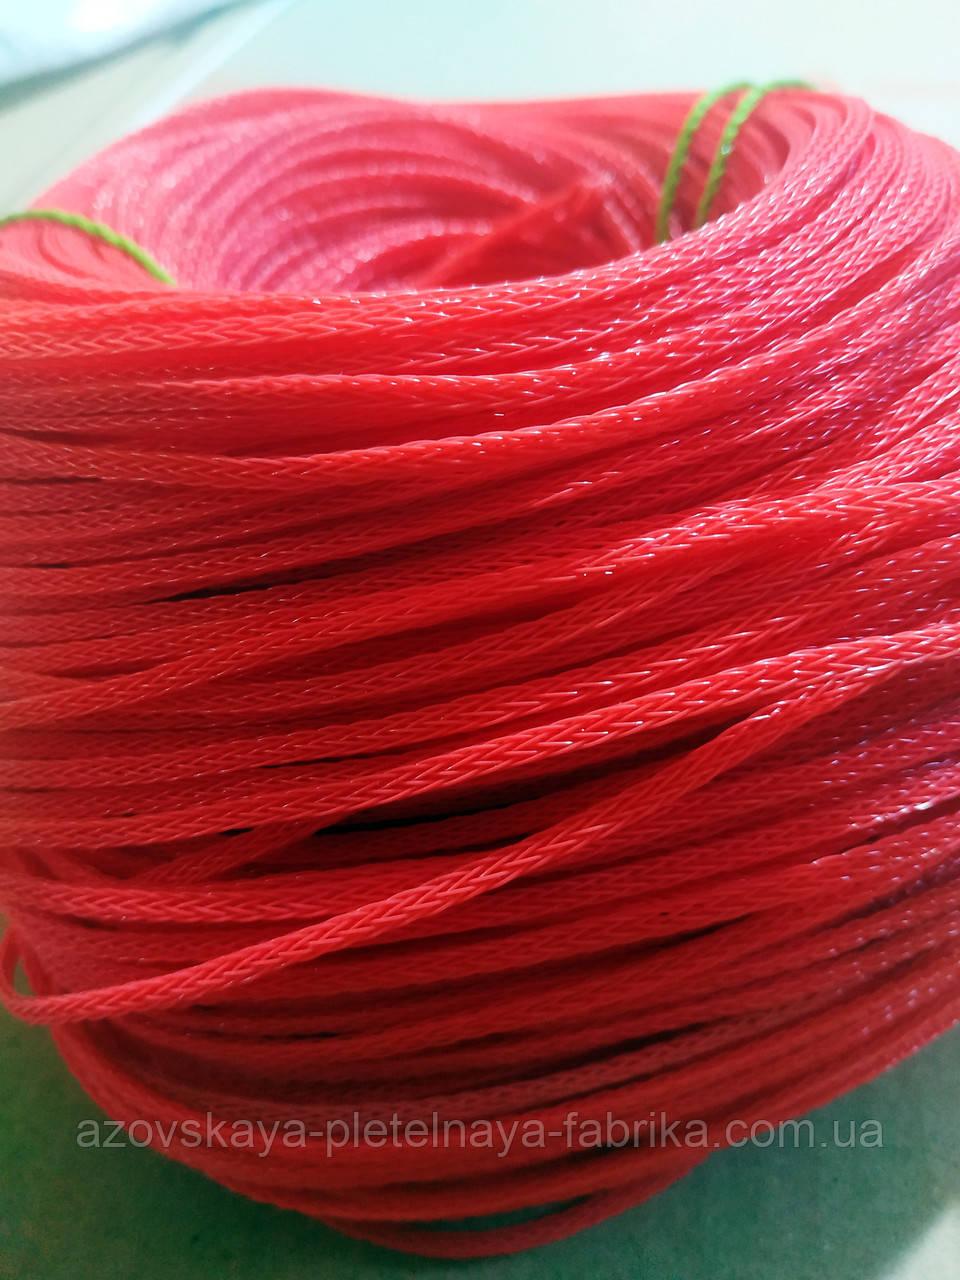 Фал лесковый плетеный 3 мм 200 м